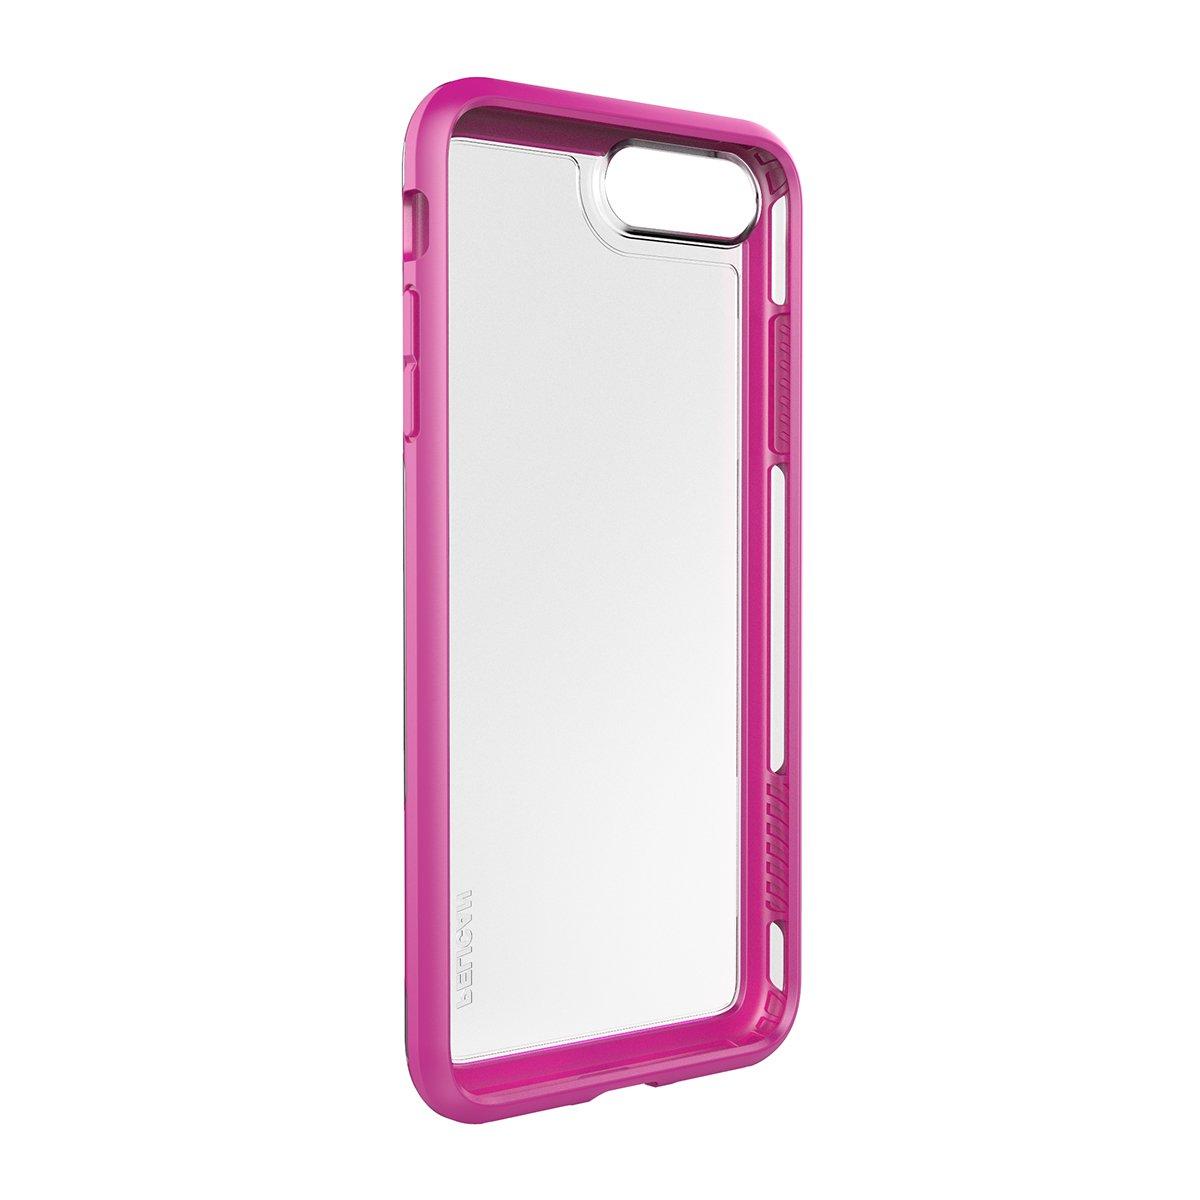 Amazon.com: Pelican Adventurer - Carcasa para iPhone 7 Plus ...